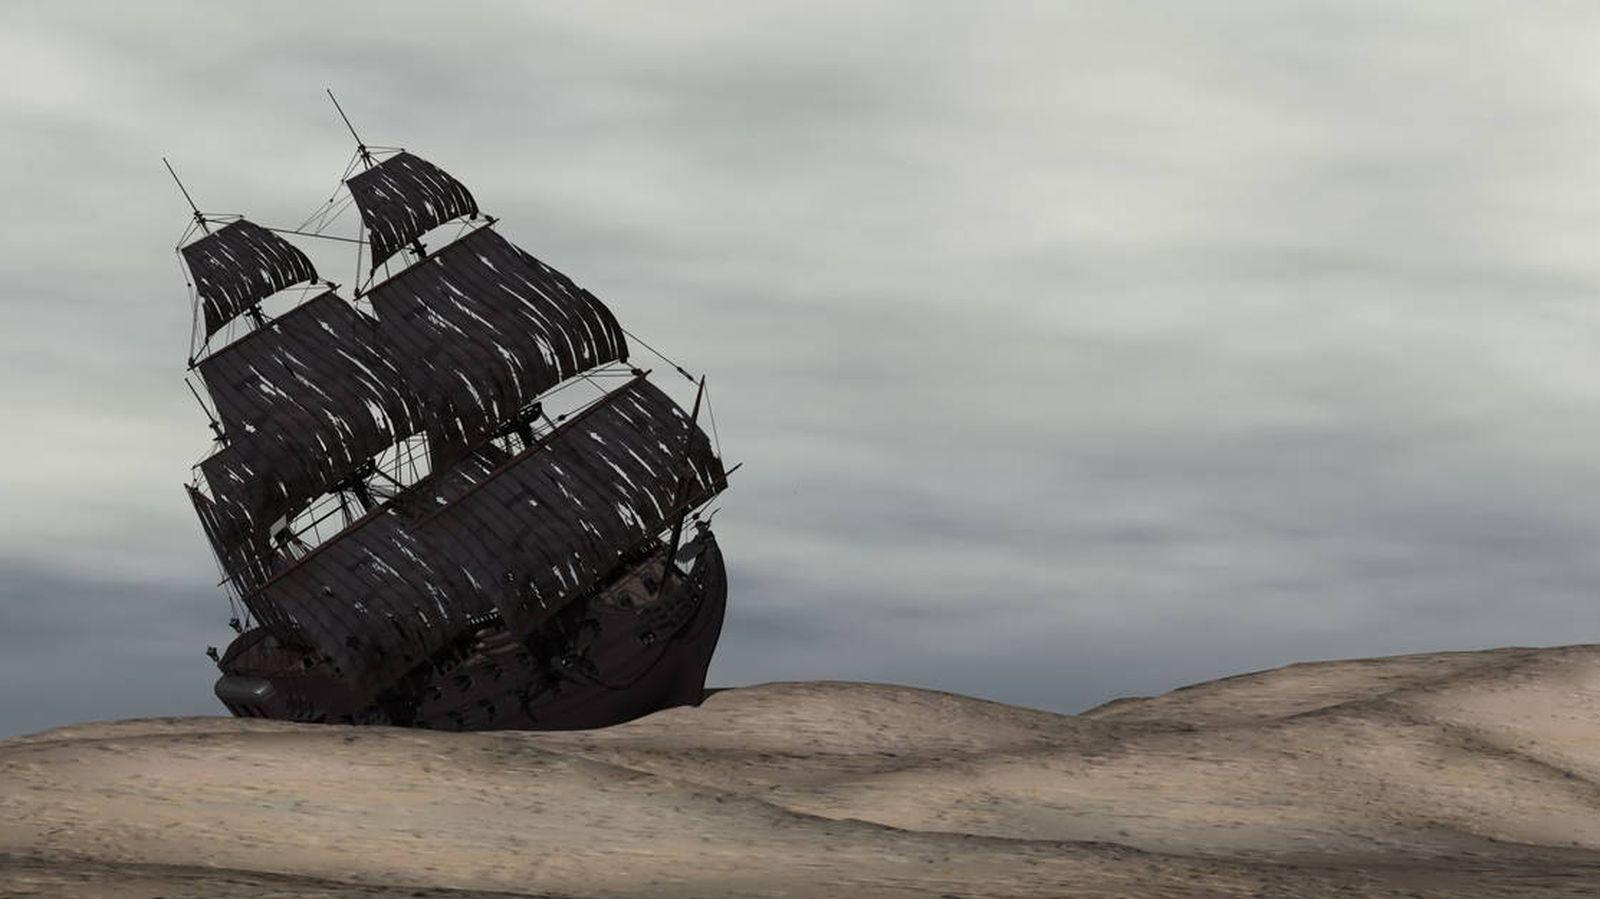 Foto: ¿Cómo llegó este barco hasta ahí? (iStock)